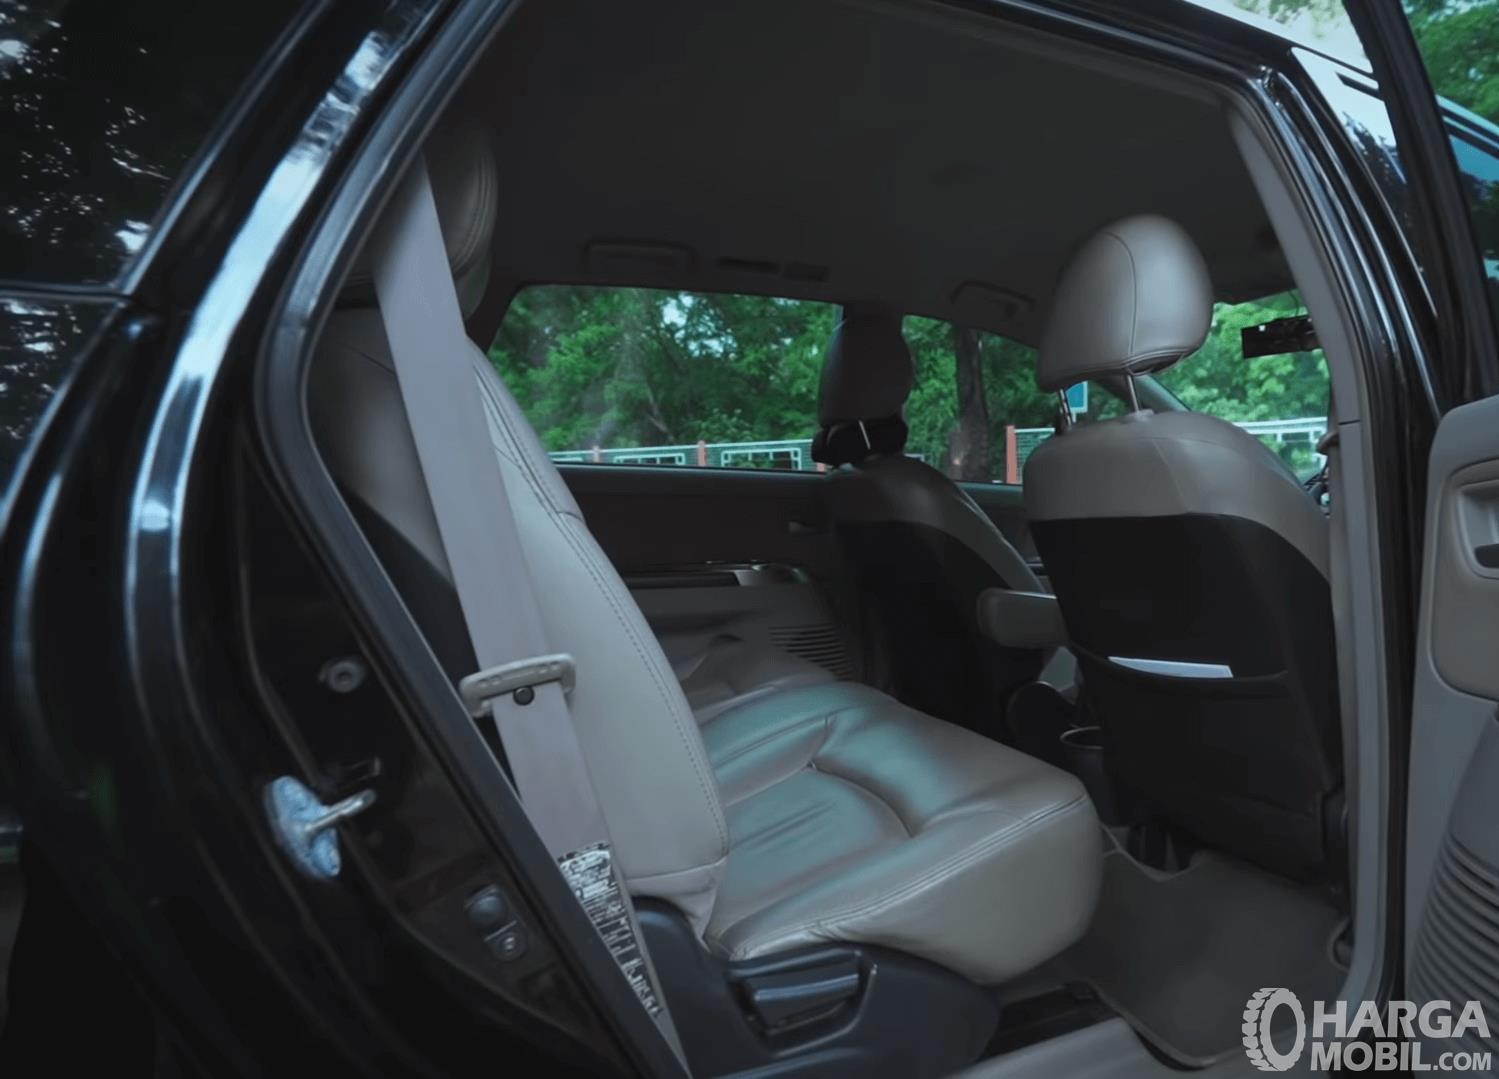 Gambar ini menunjukkan jok baris kedua pada mobil Mitsubishi Grandis 2.4 AT 2006